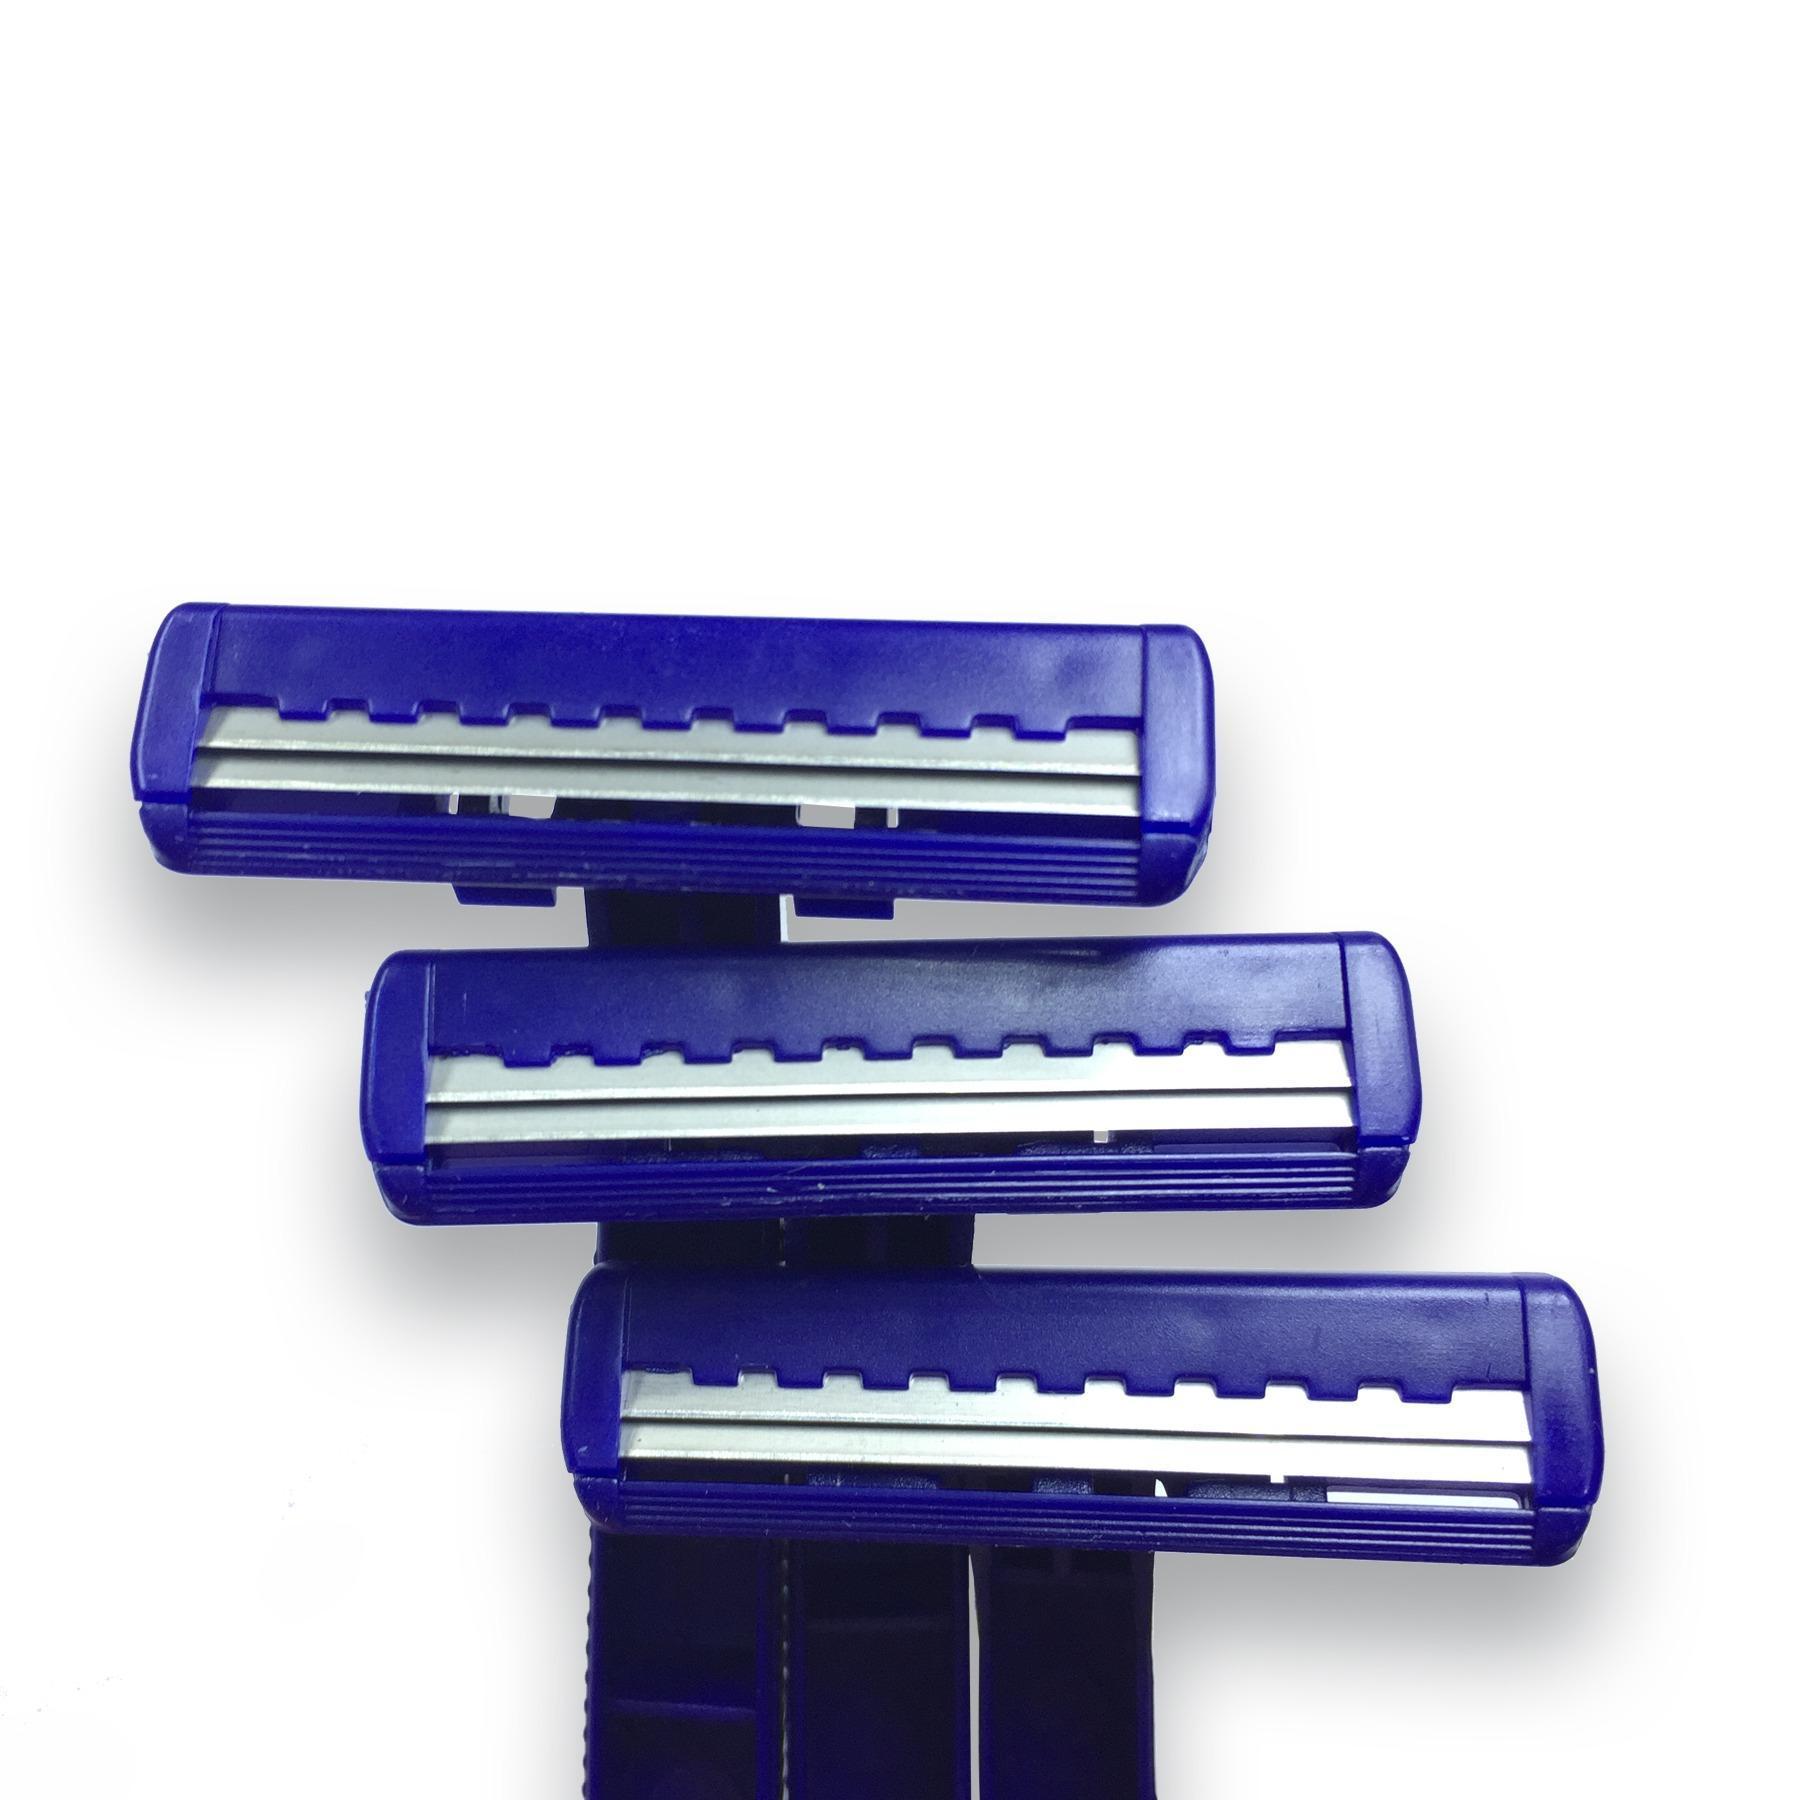 Bộ 10 dao cạo râu UBL chính hãng AG0028 (Xanh) tốt nhất